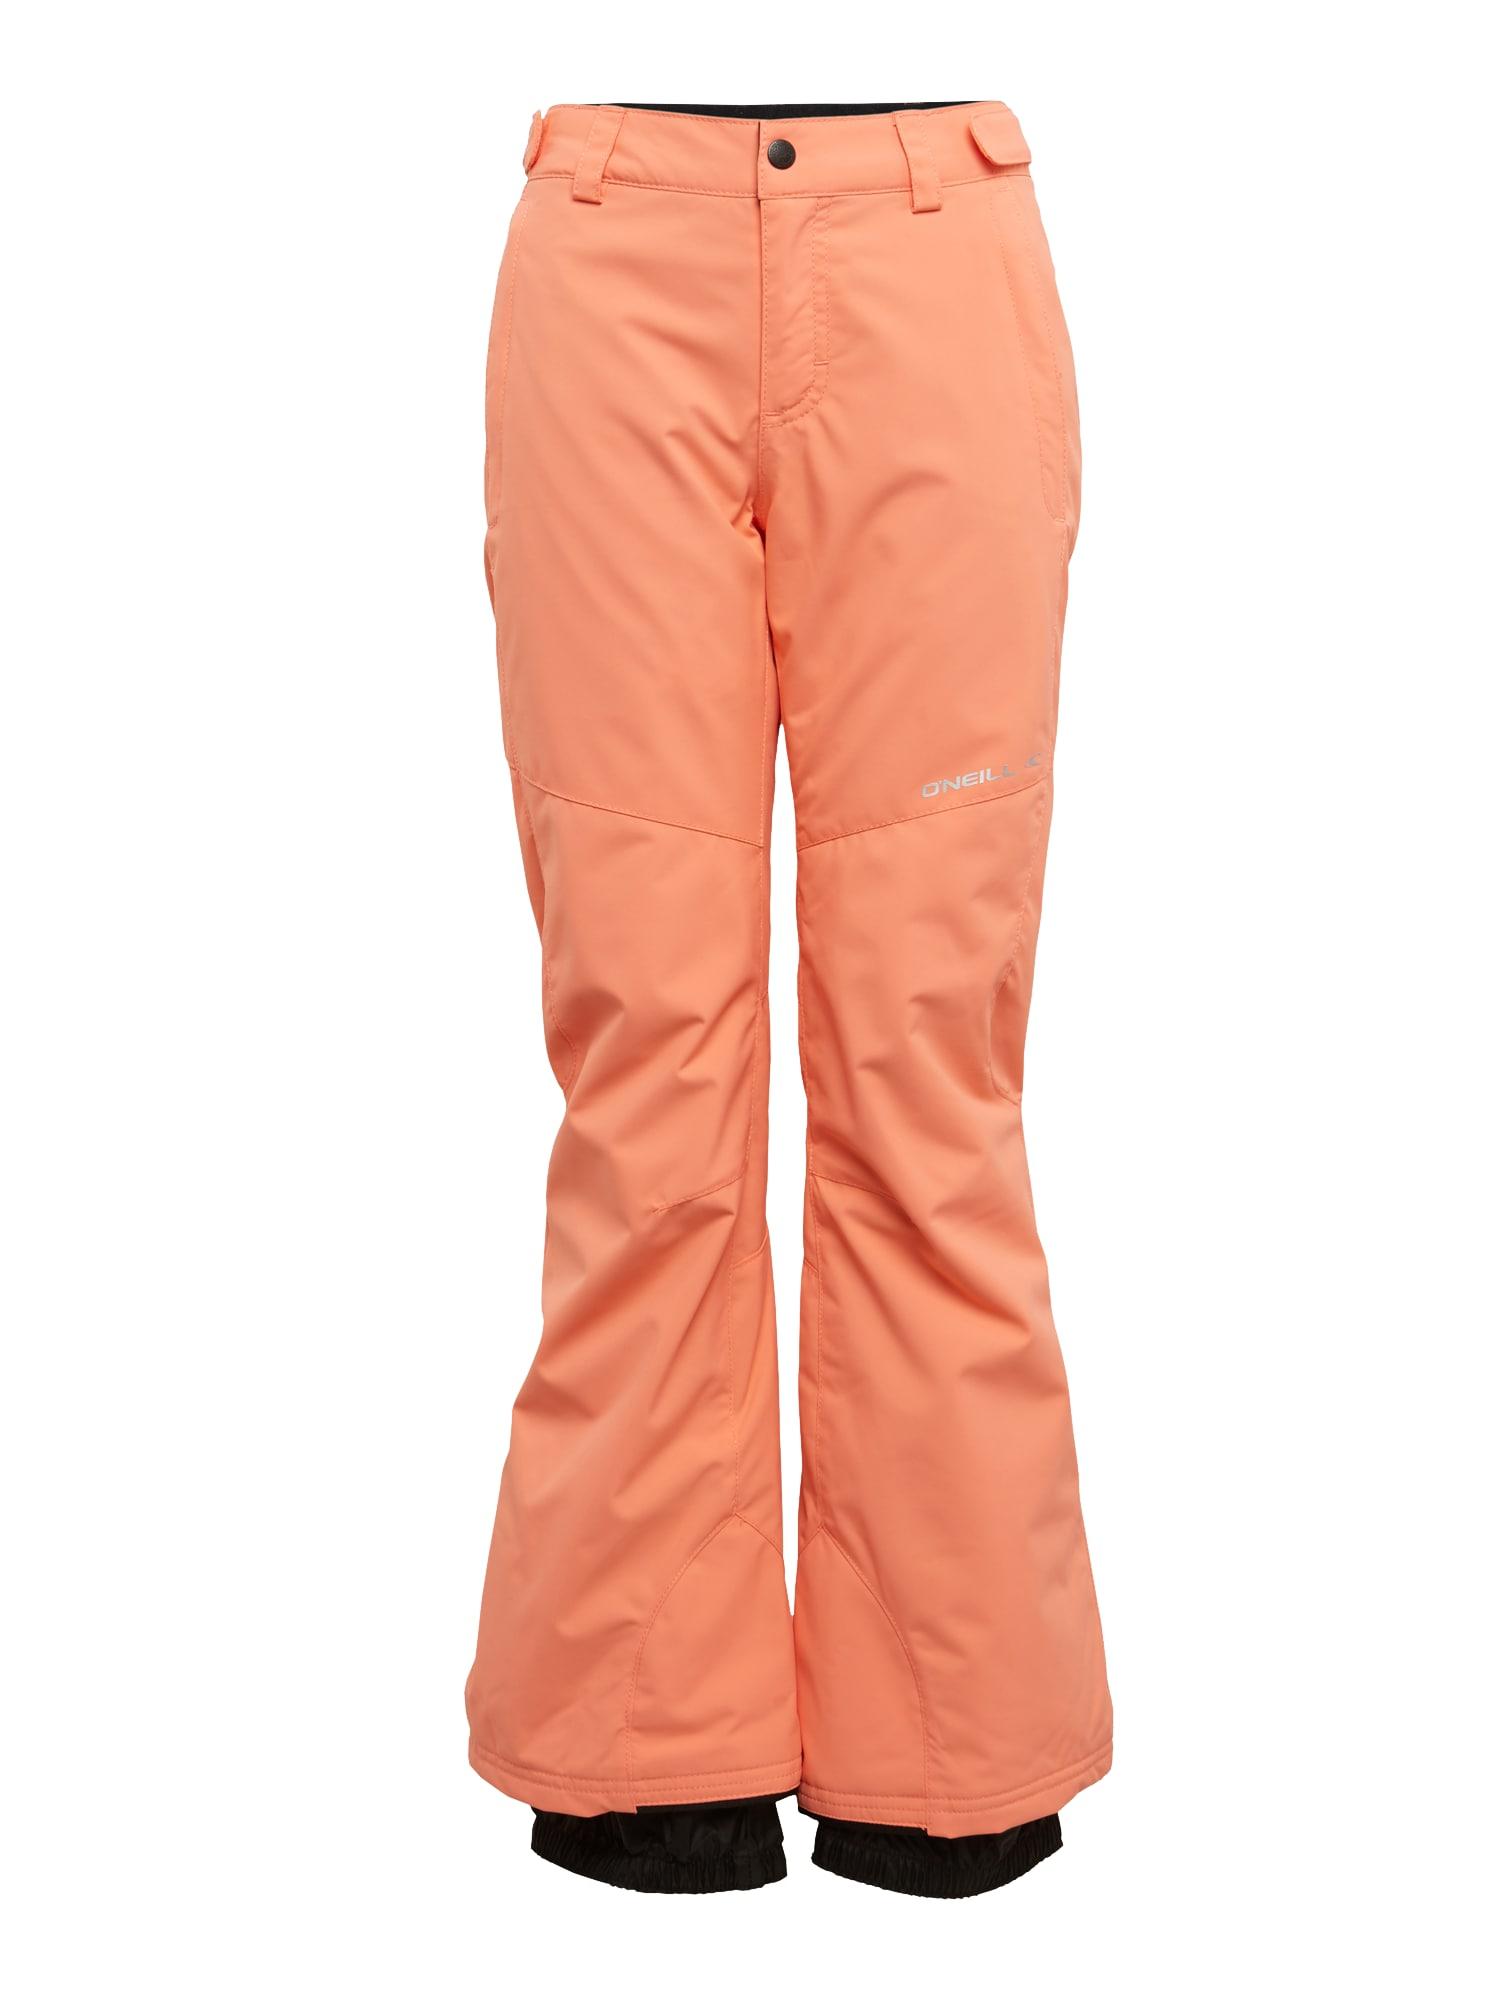 ONEILL Outdoorové kalhoty PG CHARM oranžová černá O'NEILL